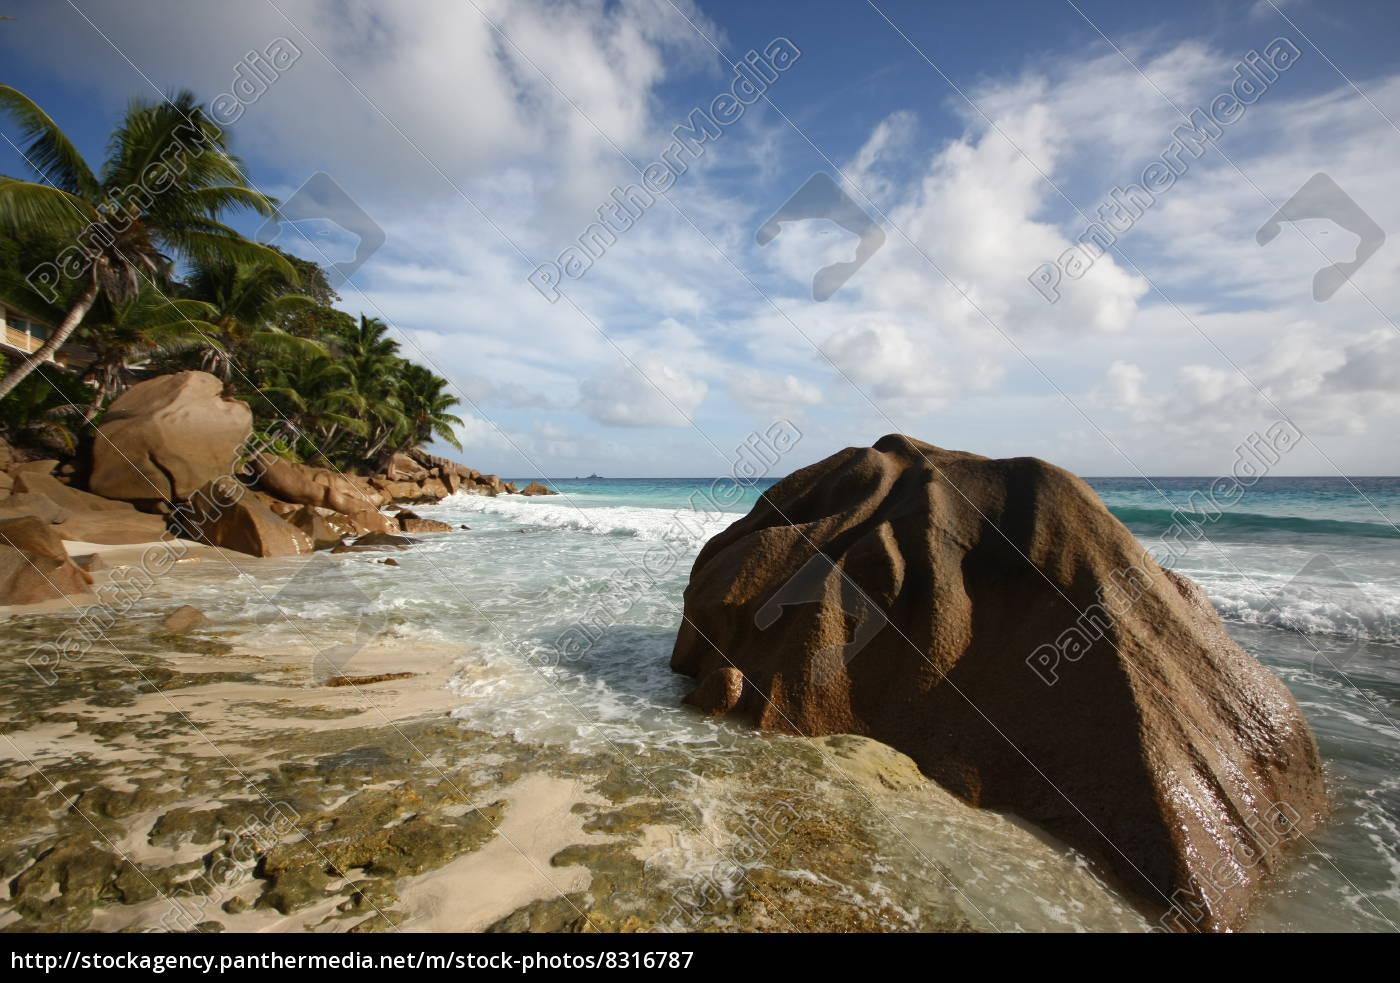 La Digue, Seychellen, Strand, Wolken, Wasser, Afrika - 8316787